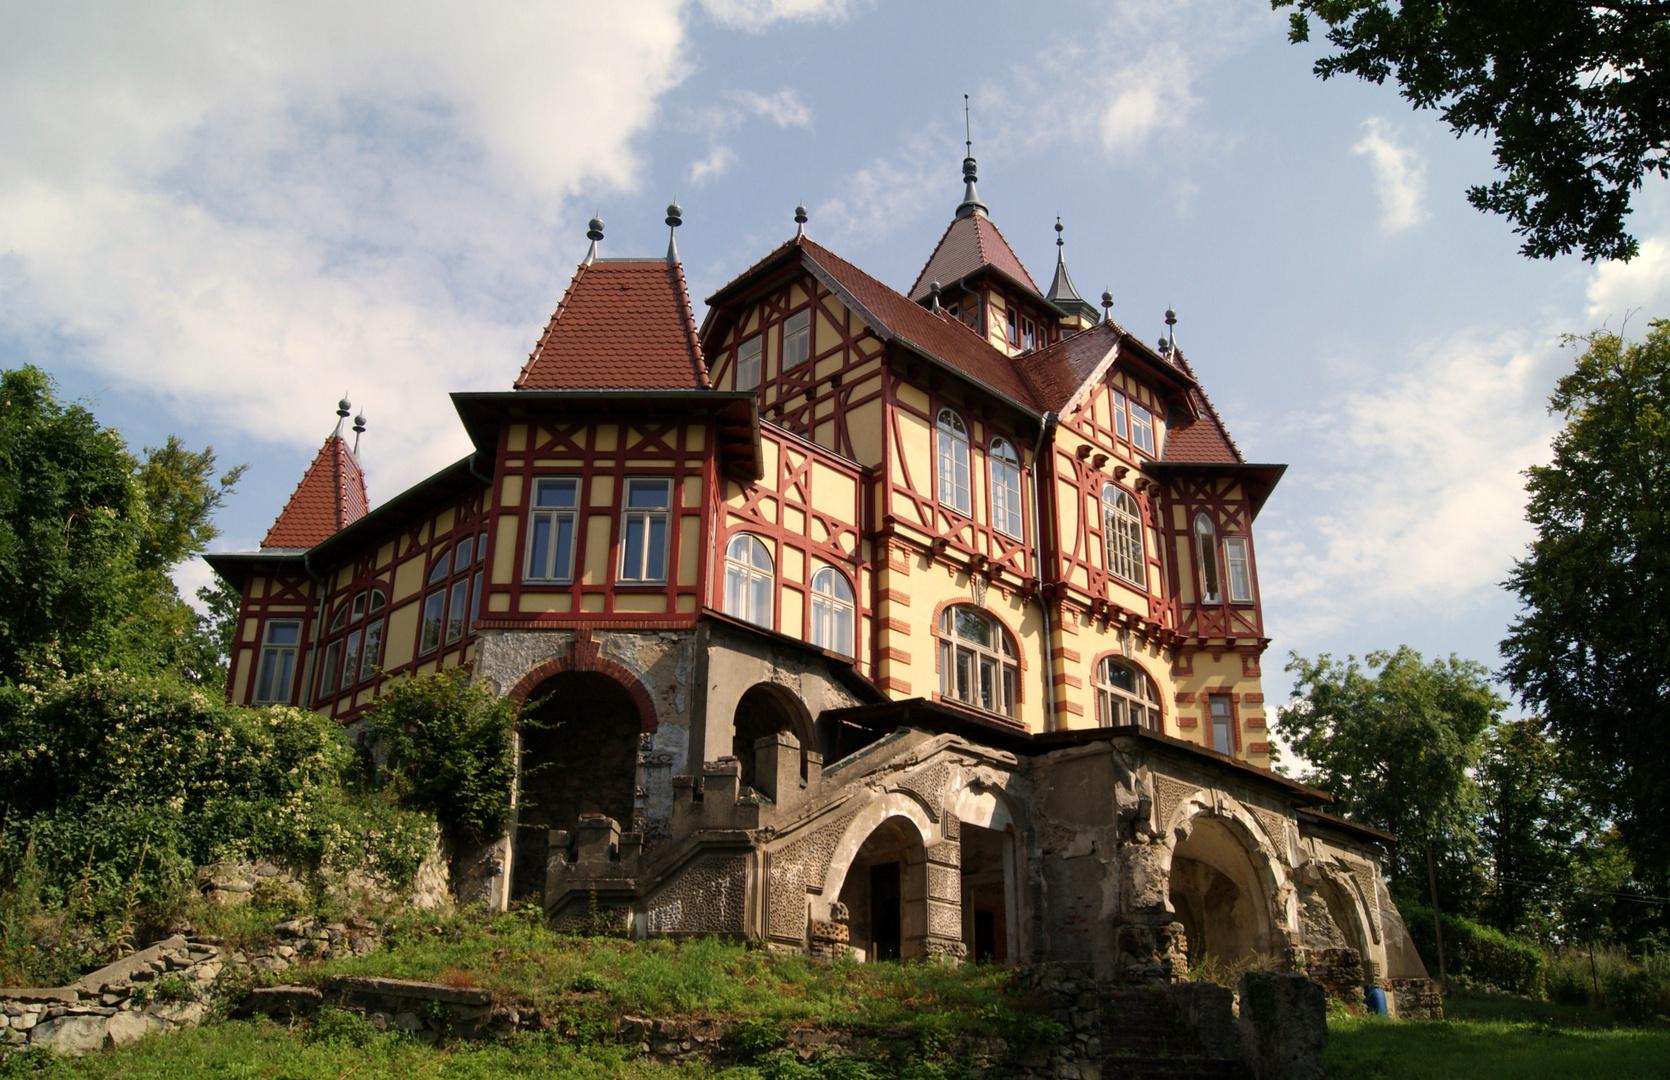 Hradek - Burgsberg Varnsdorf